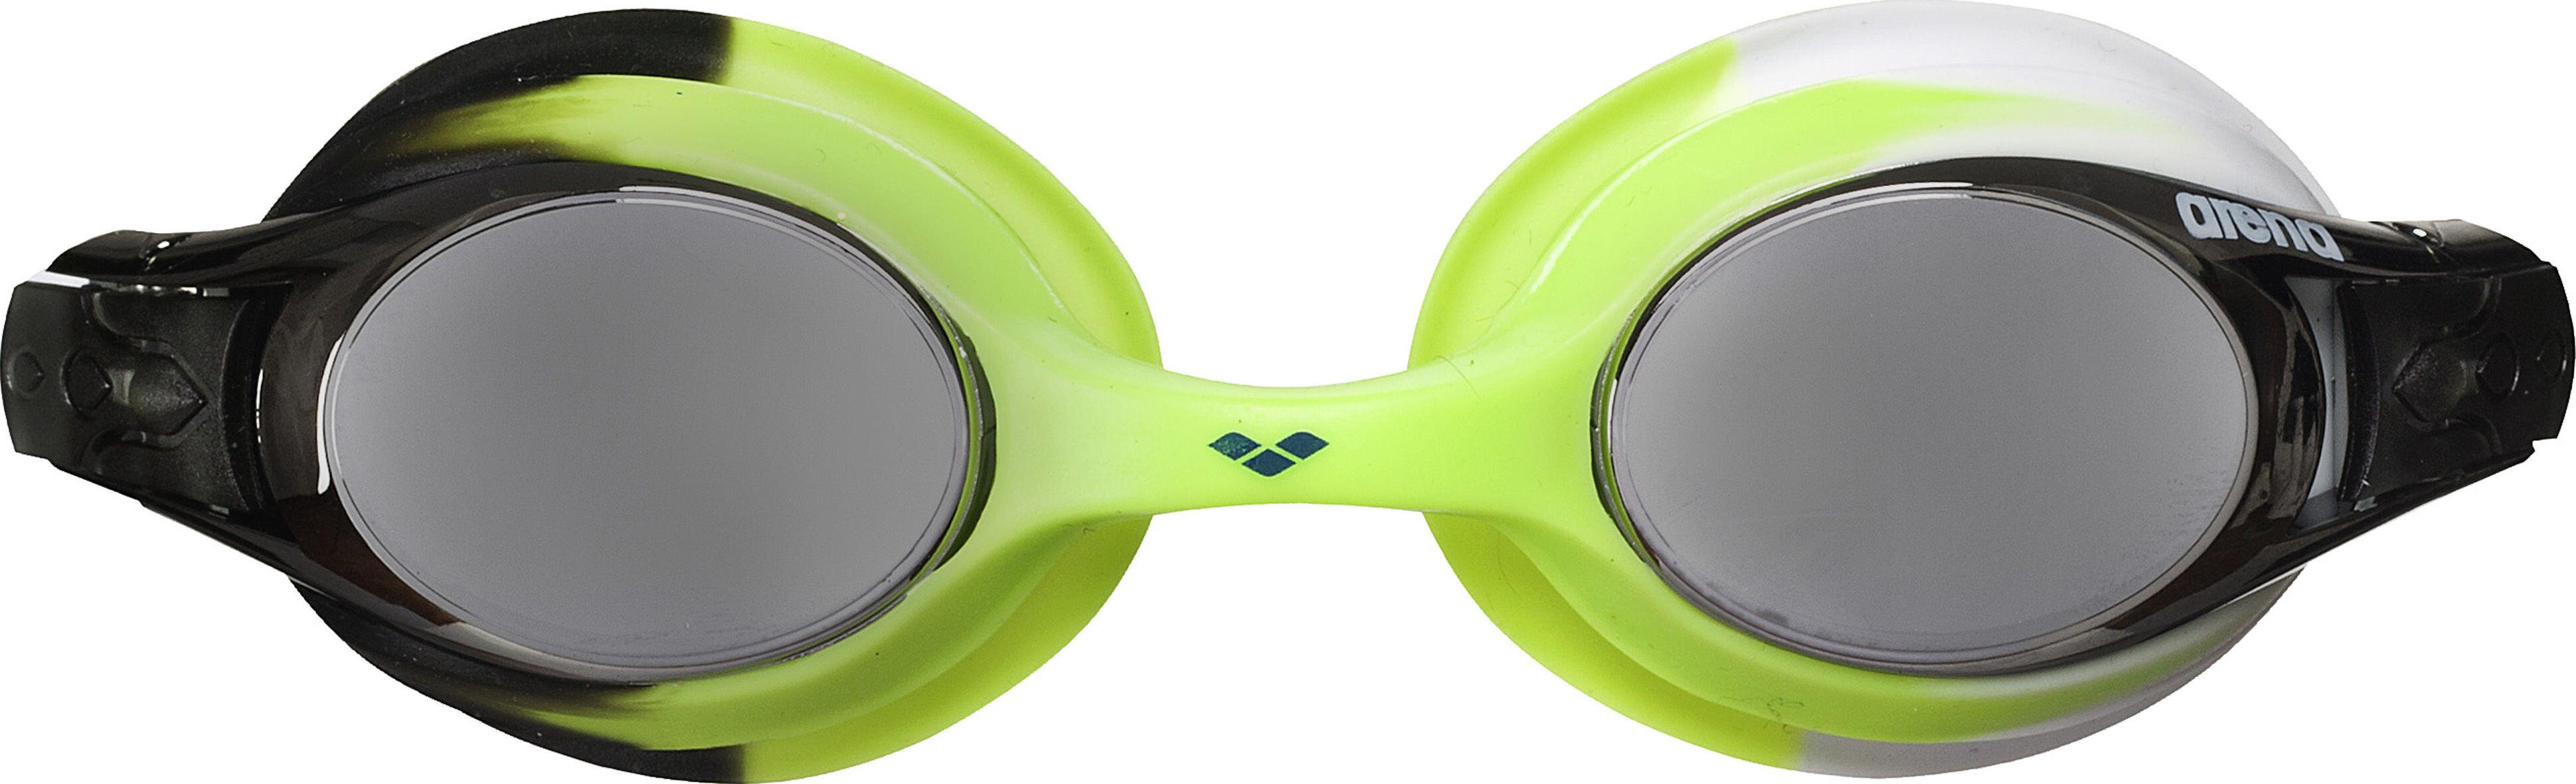 arena X-Lite Simglasögon Barn grön svart - till fenomenalt pris på ... 4285075626be1